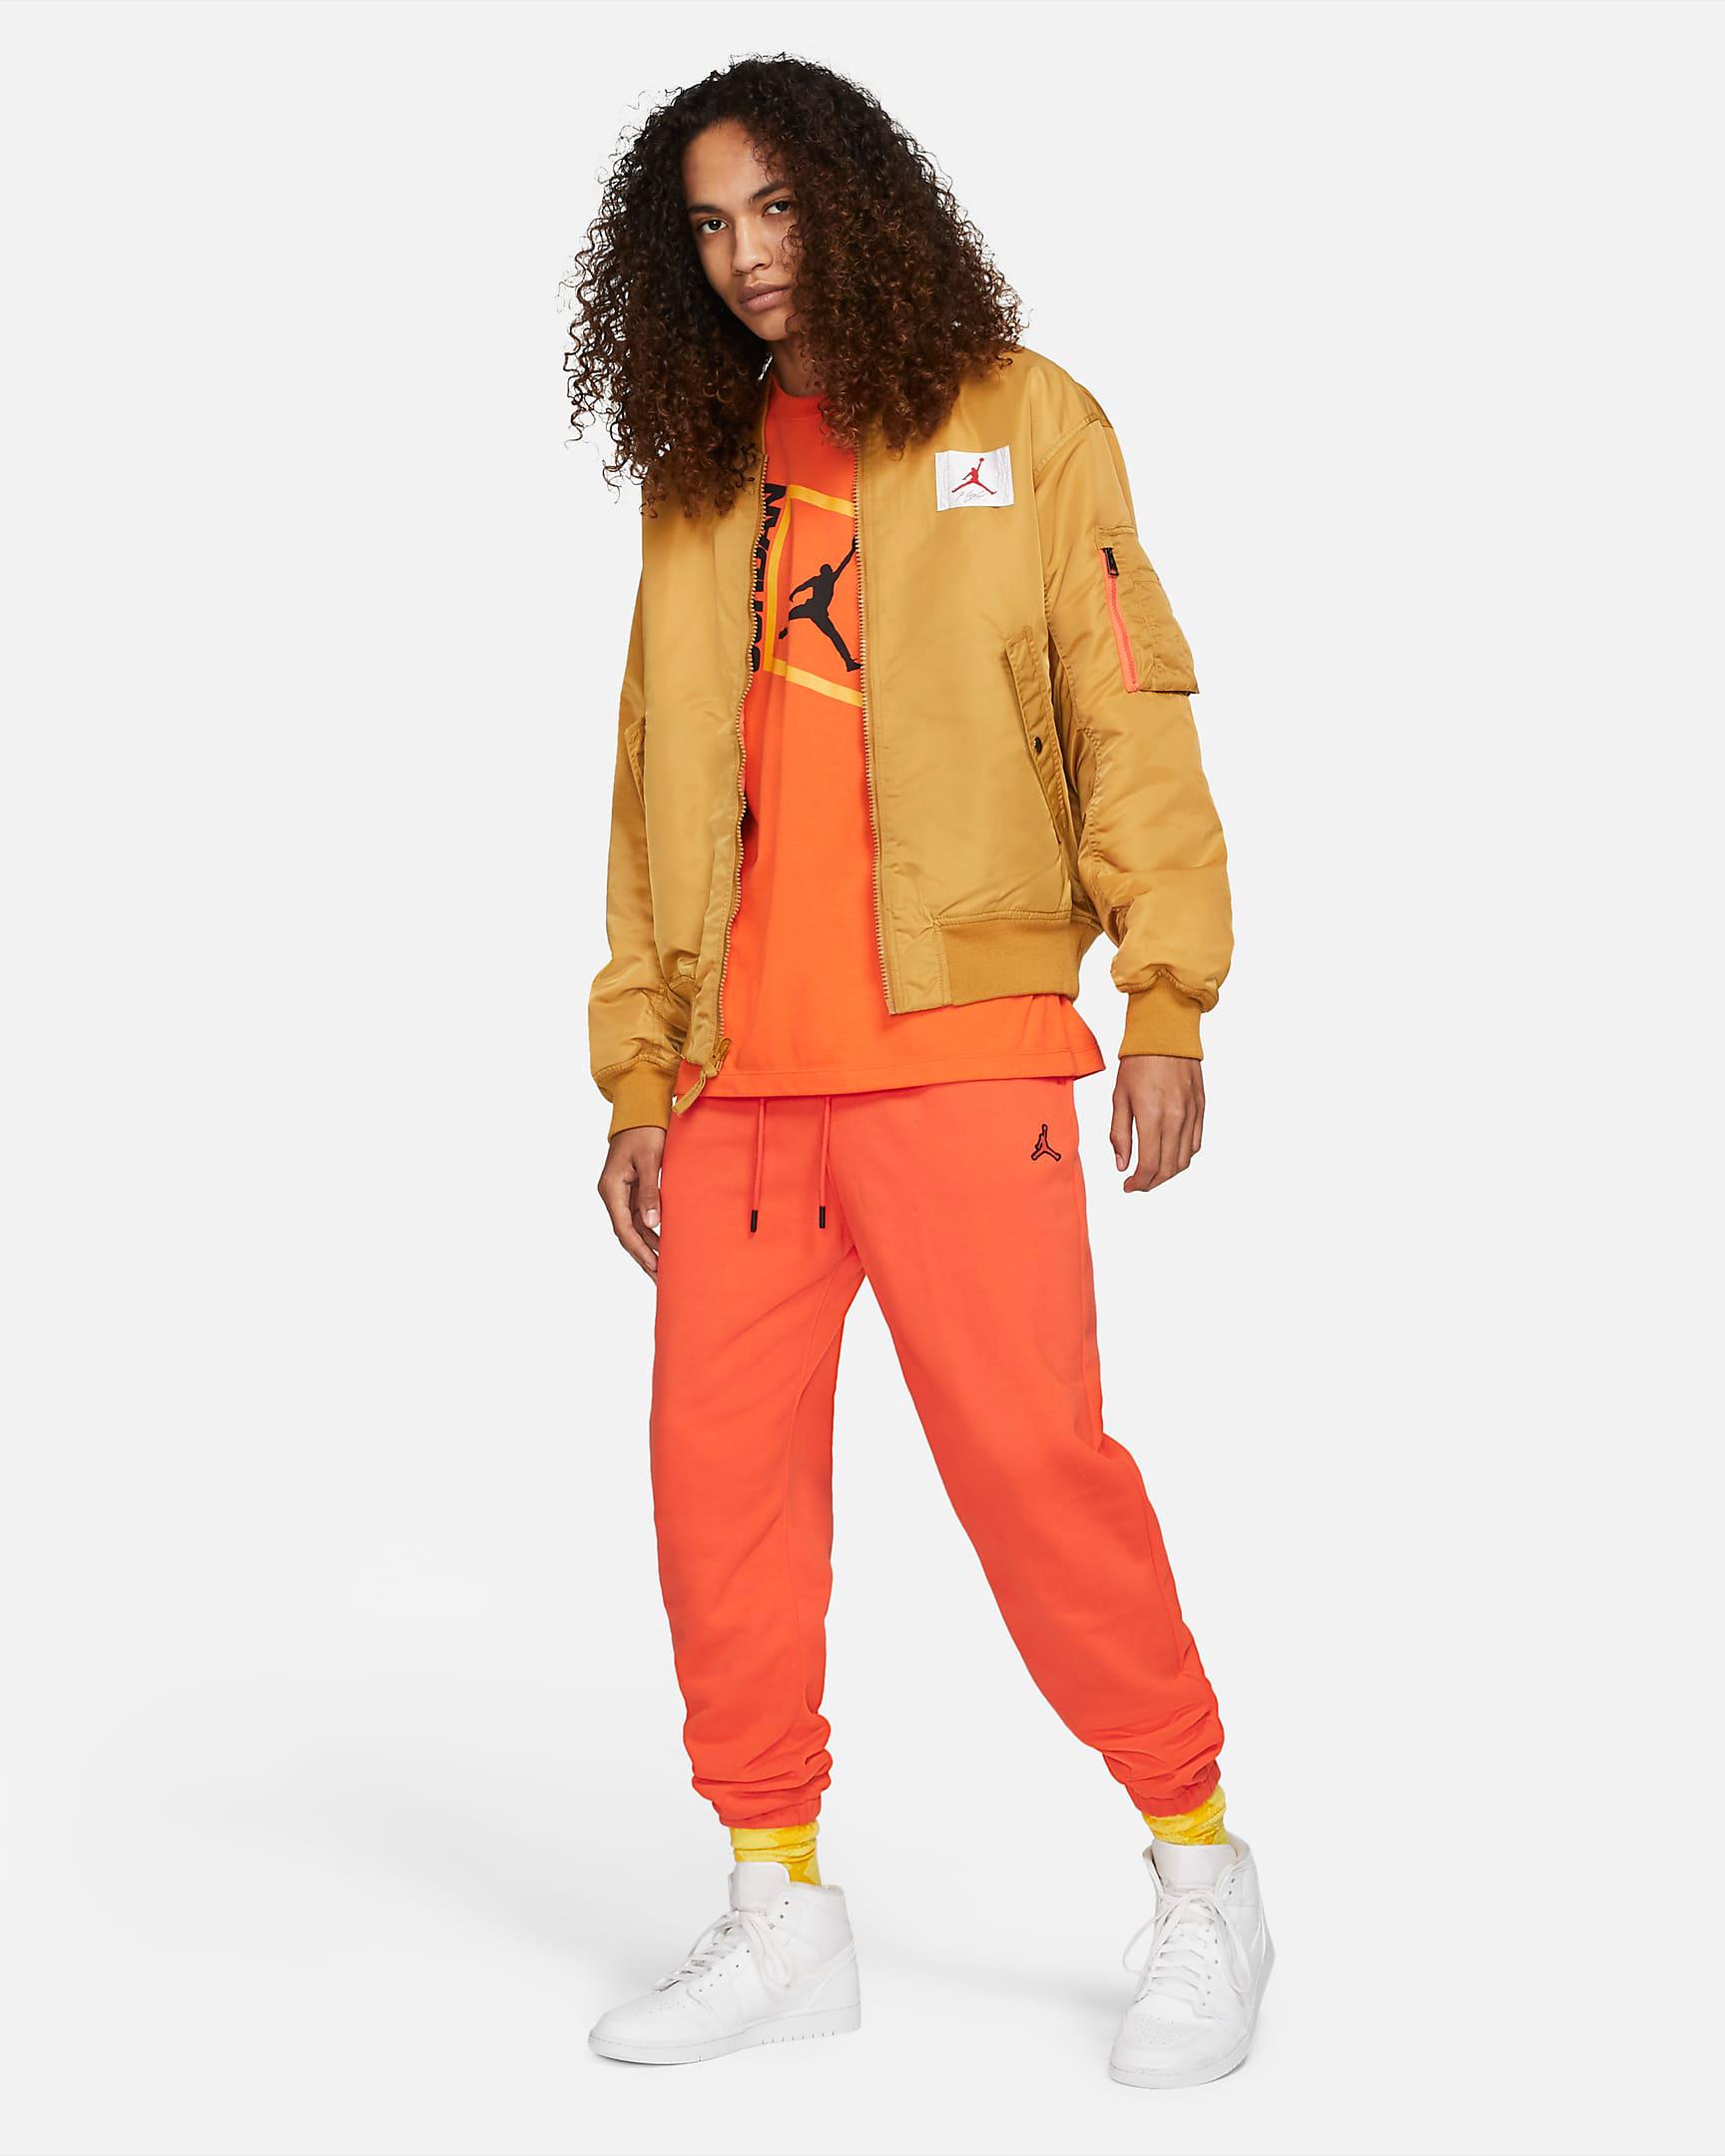 jordan-orange-shirt-pants-jacket-outfit